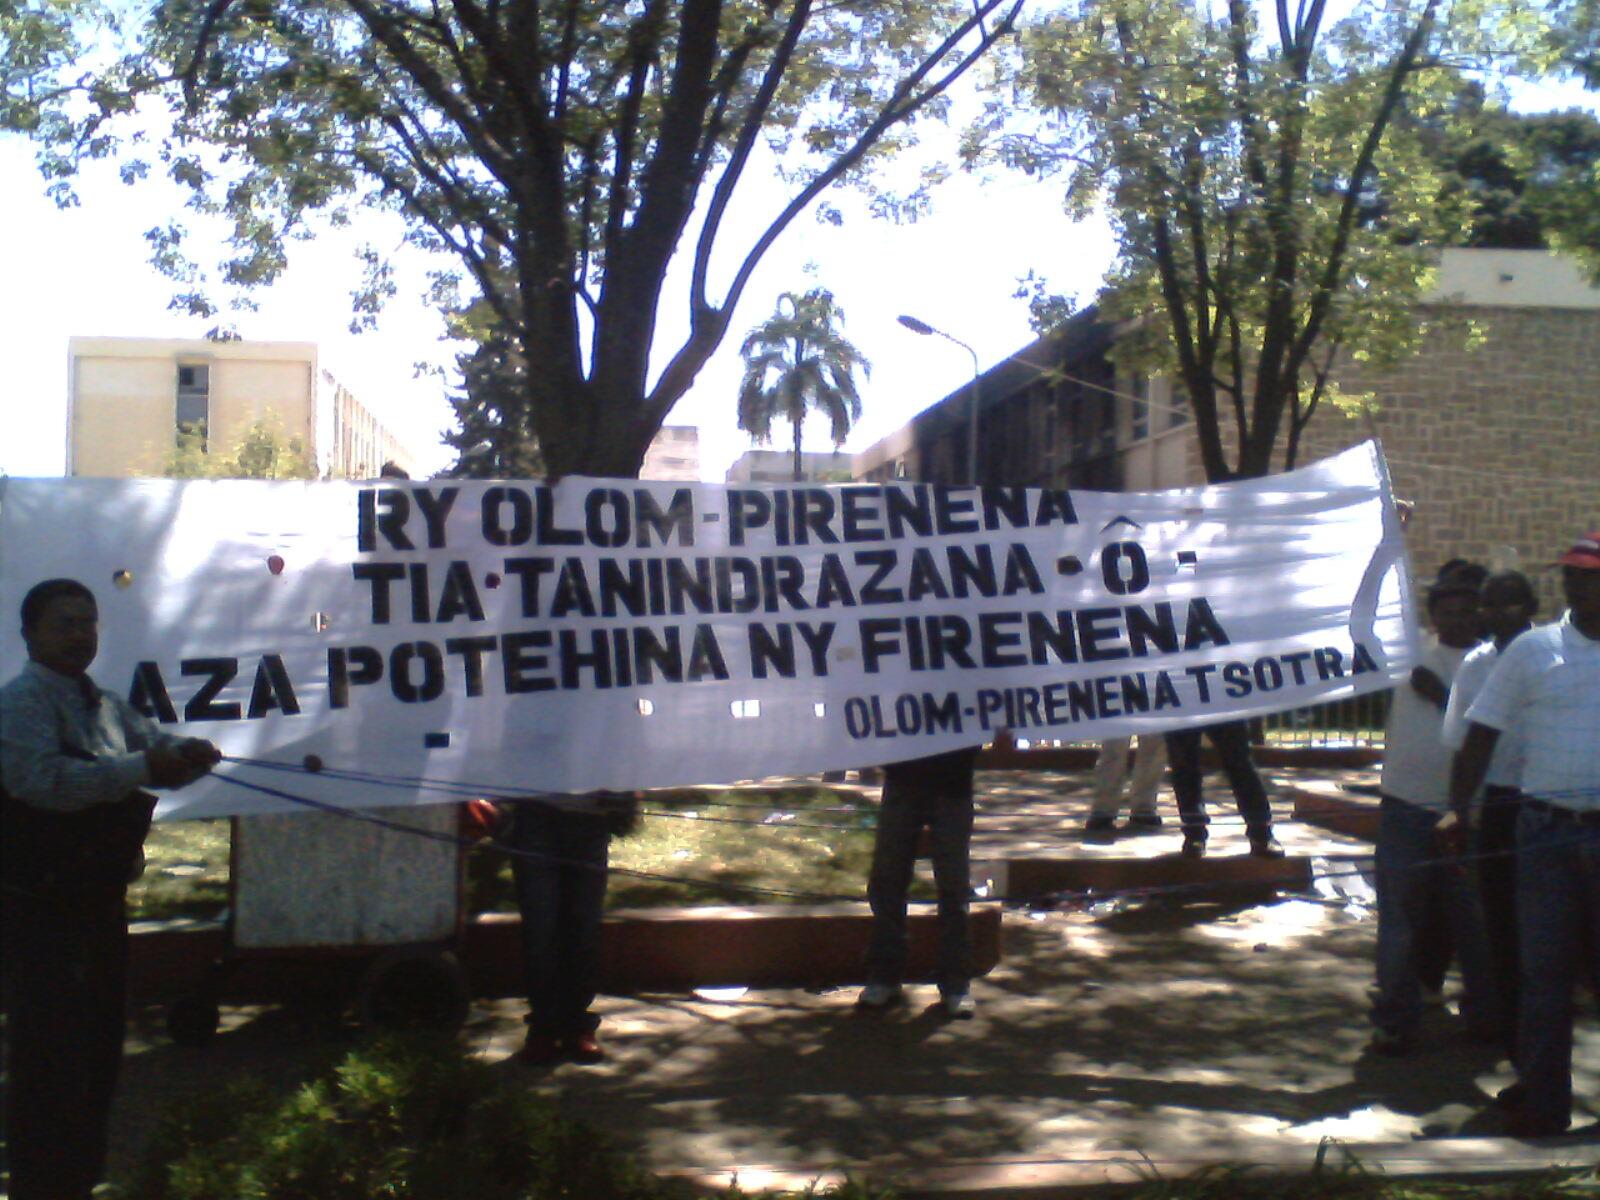 Personnes manifestant contre les émeutes et pillages à Madagascar